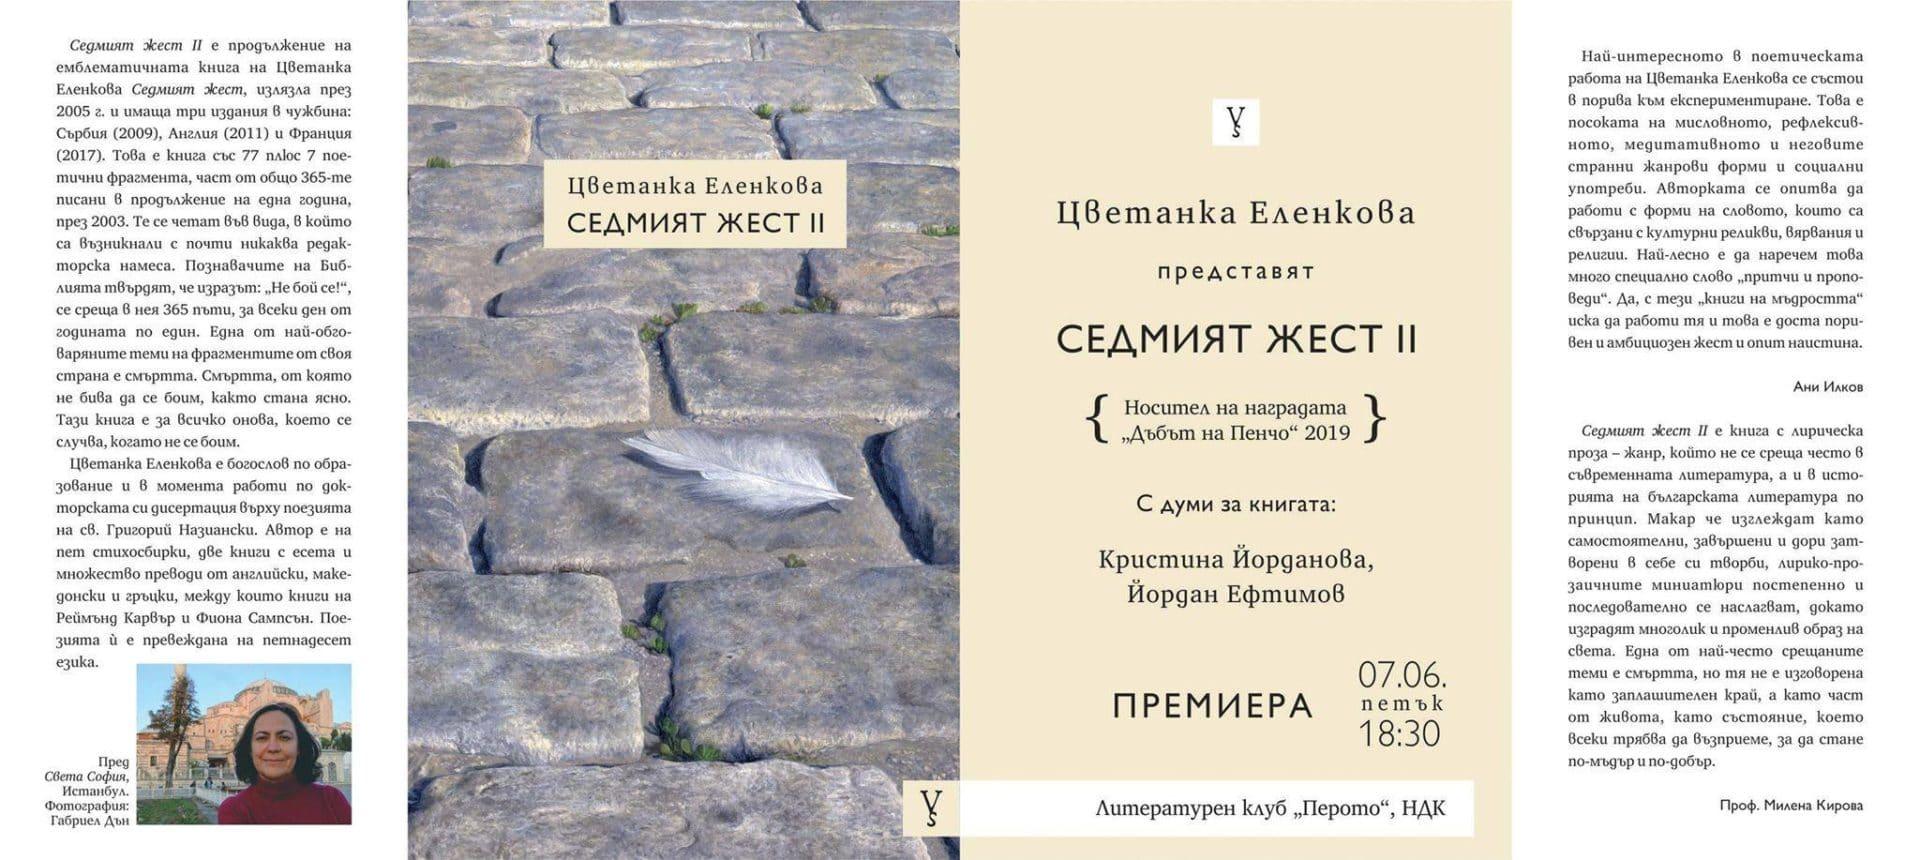 Цветанка Еленкова